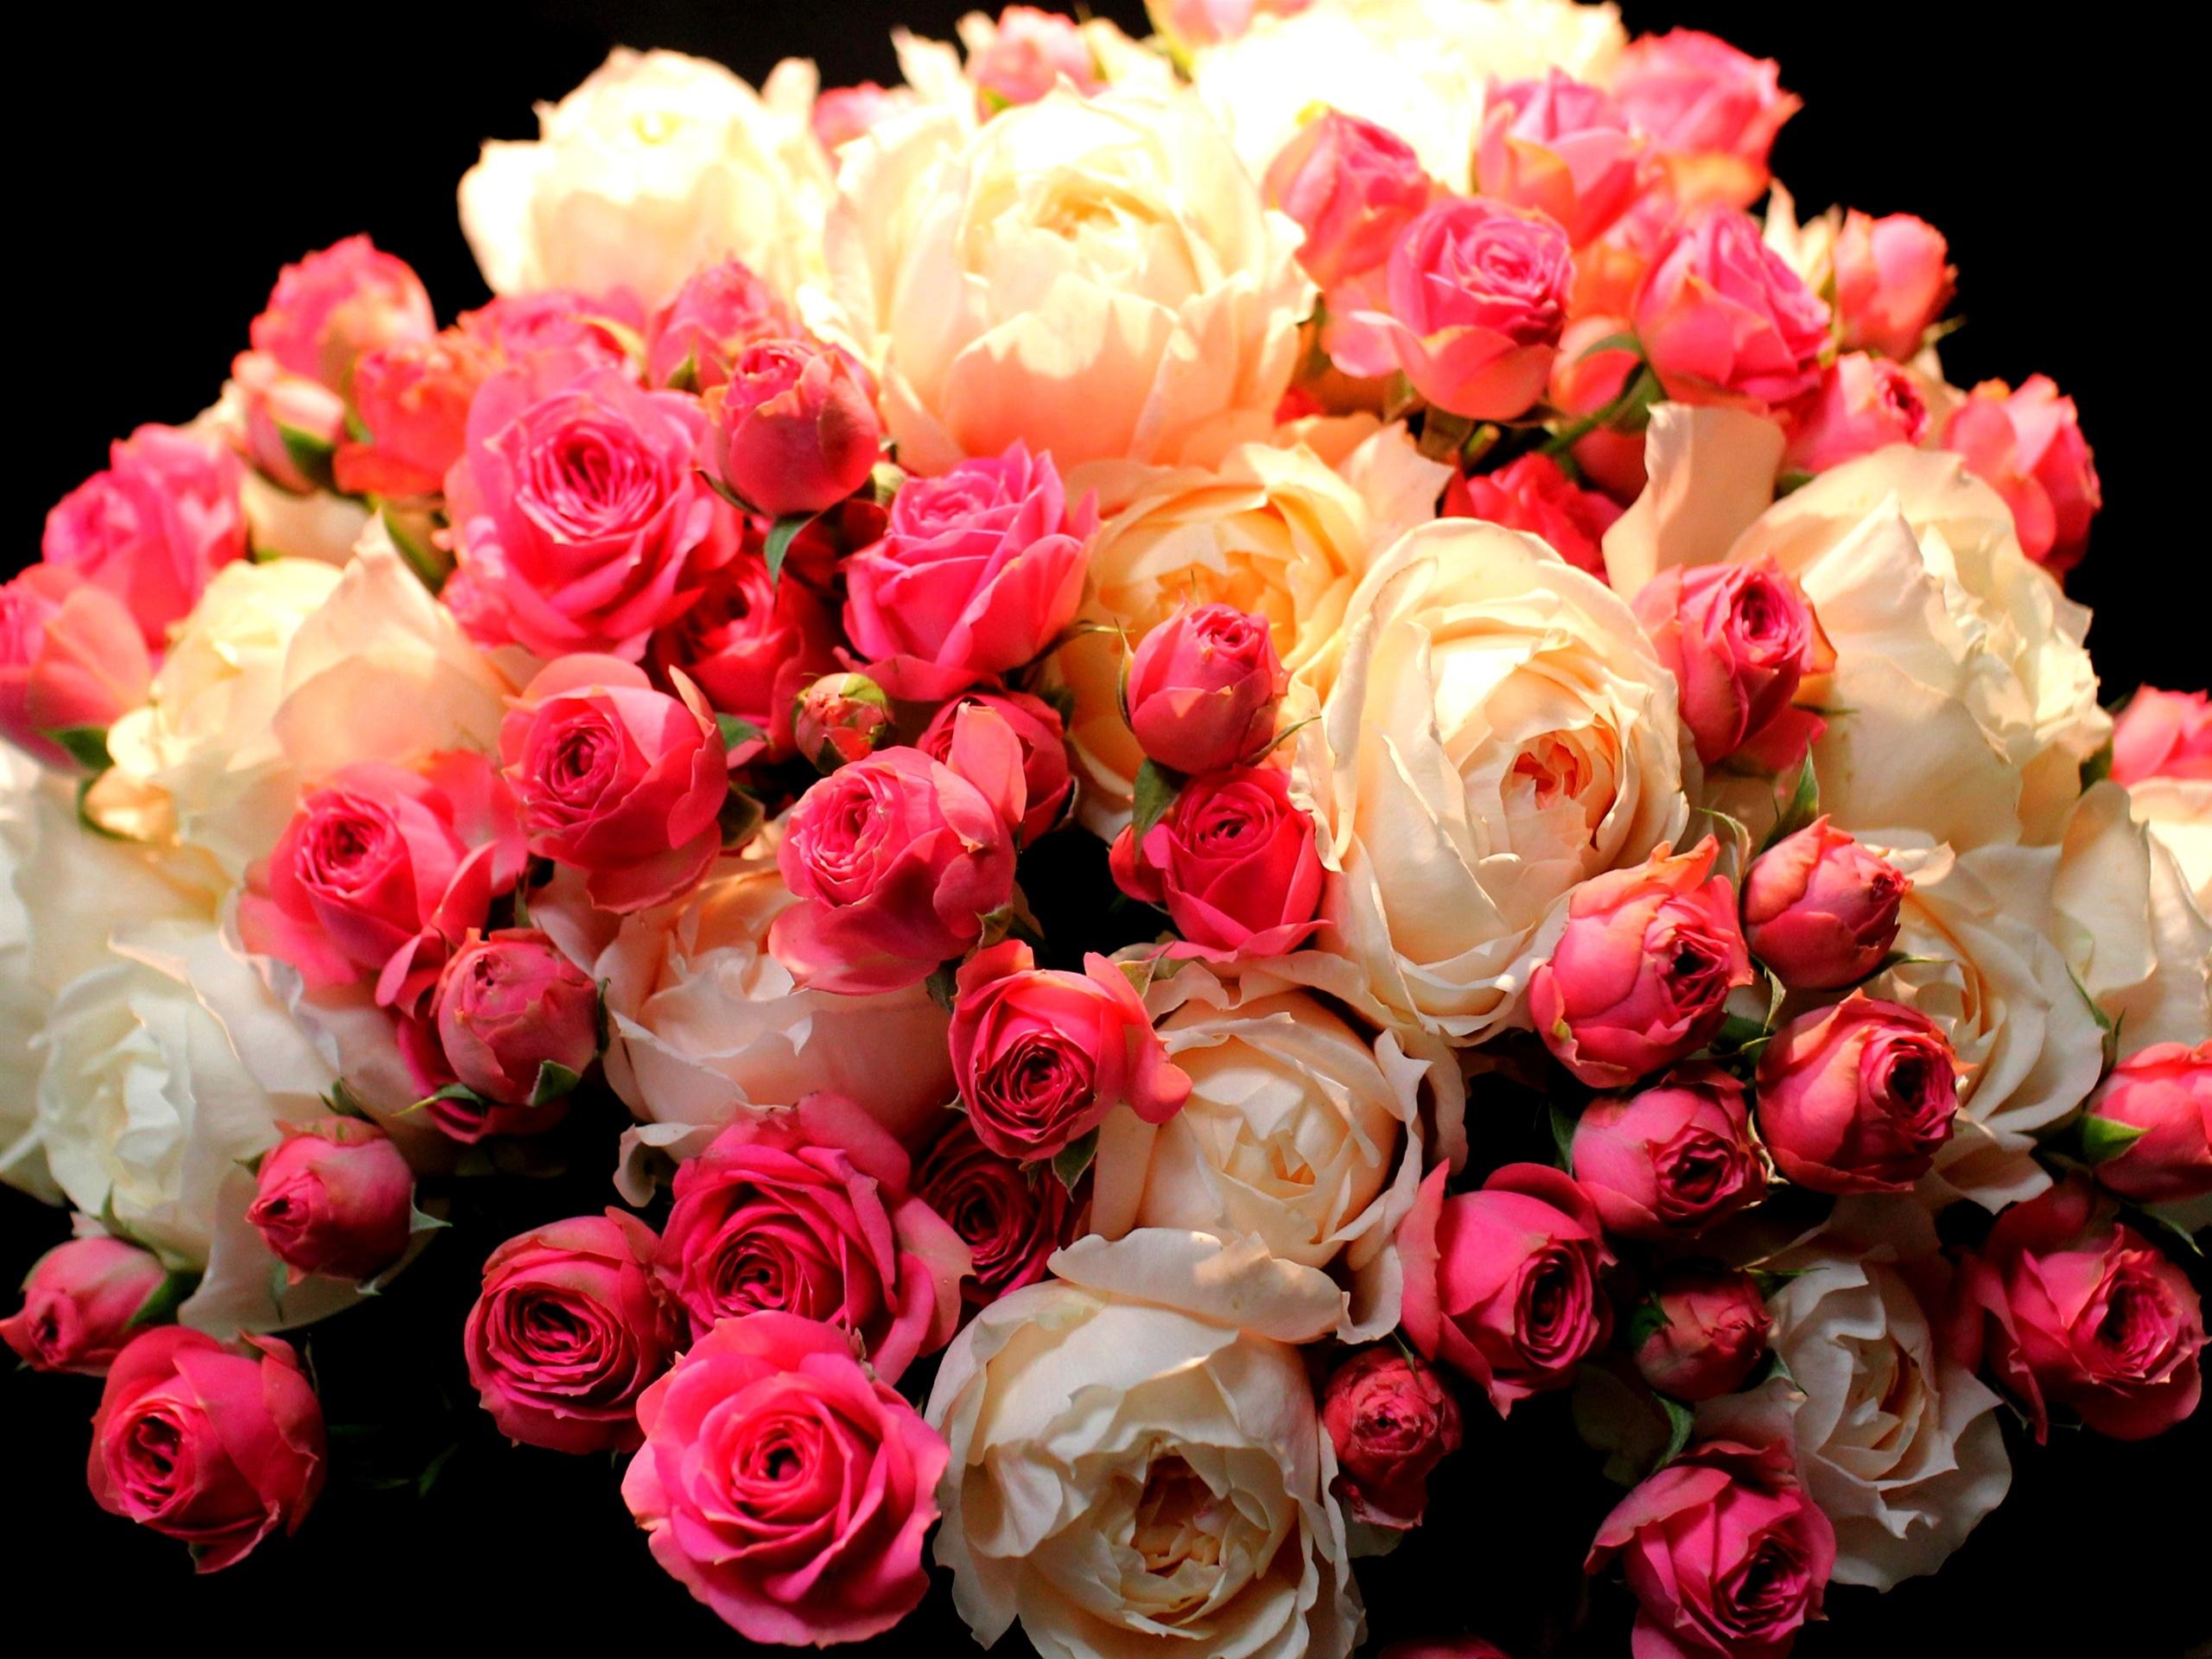 Bouquet fleurs rose rouge et blanc fonds d 39 cran for Bouquet de fleurs hd